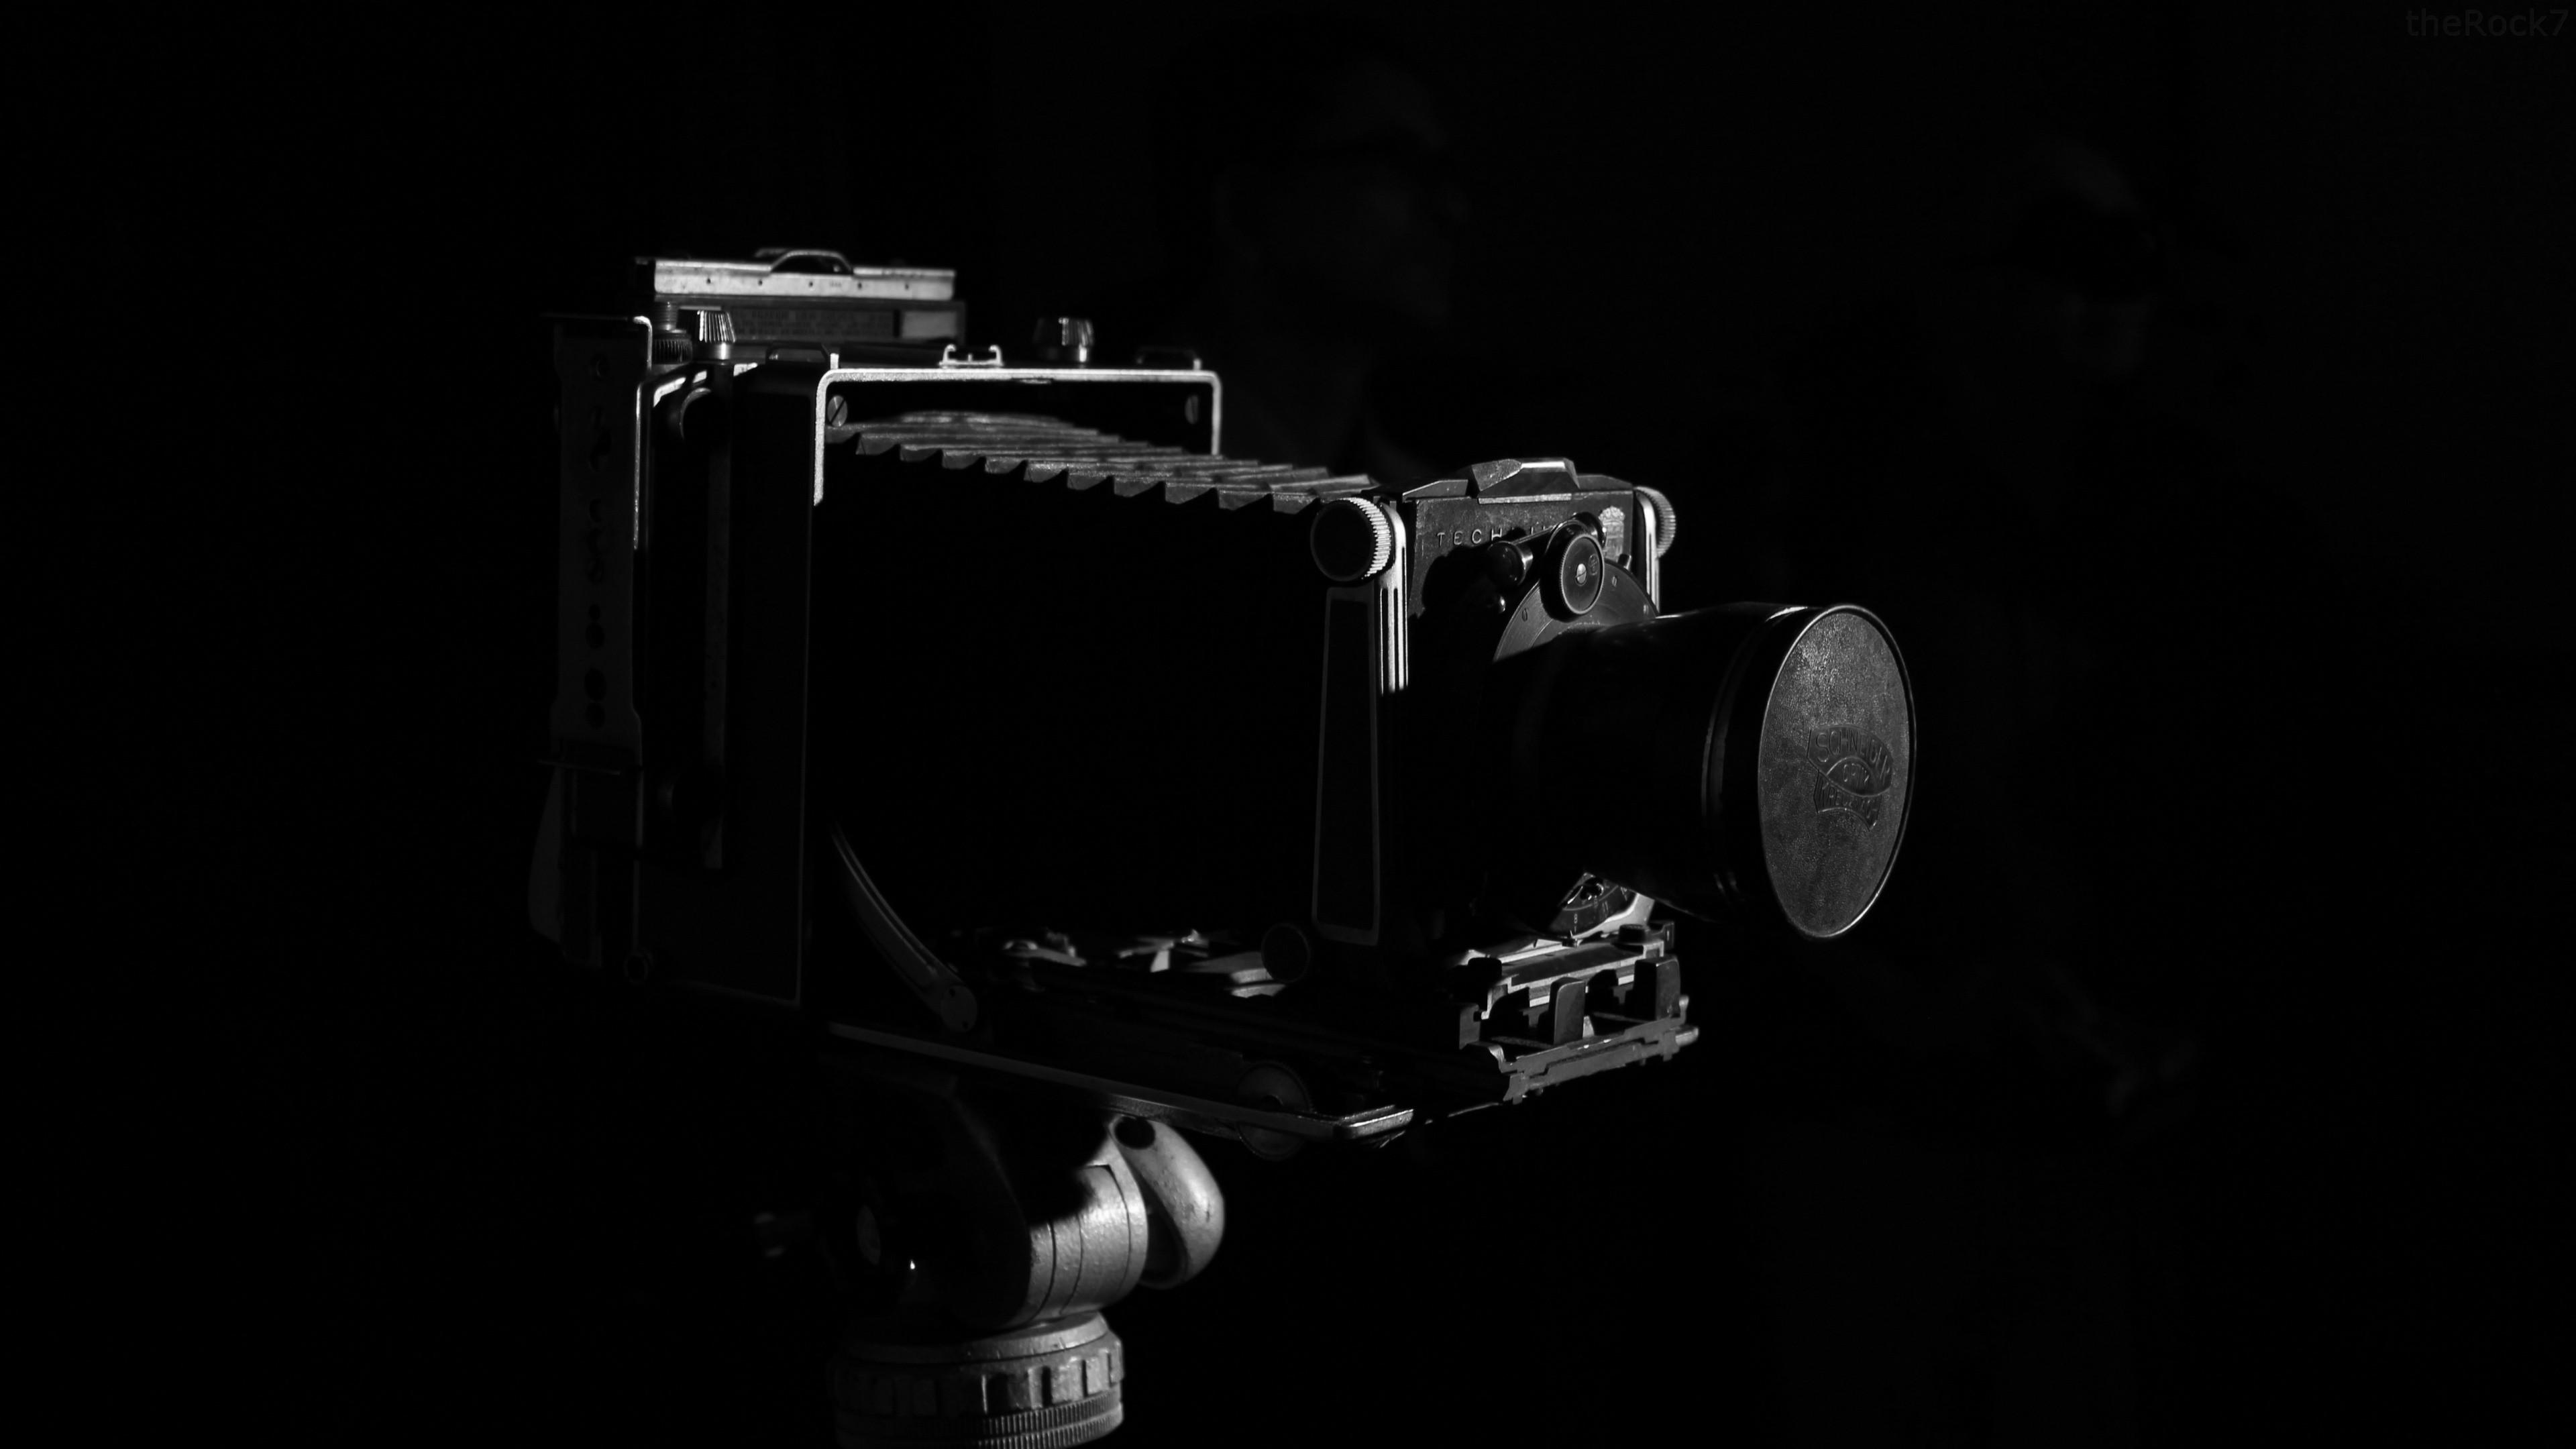 камера хай-тек ремешок скачать